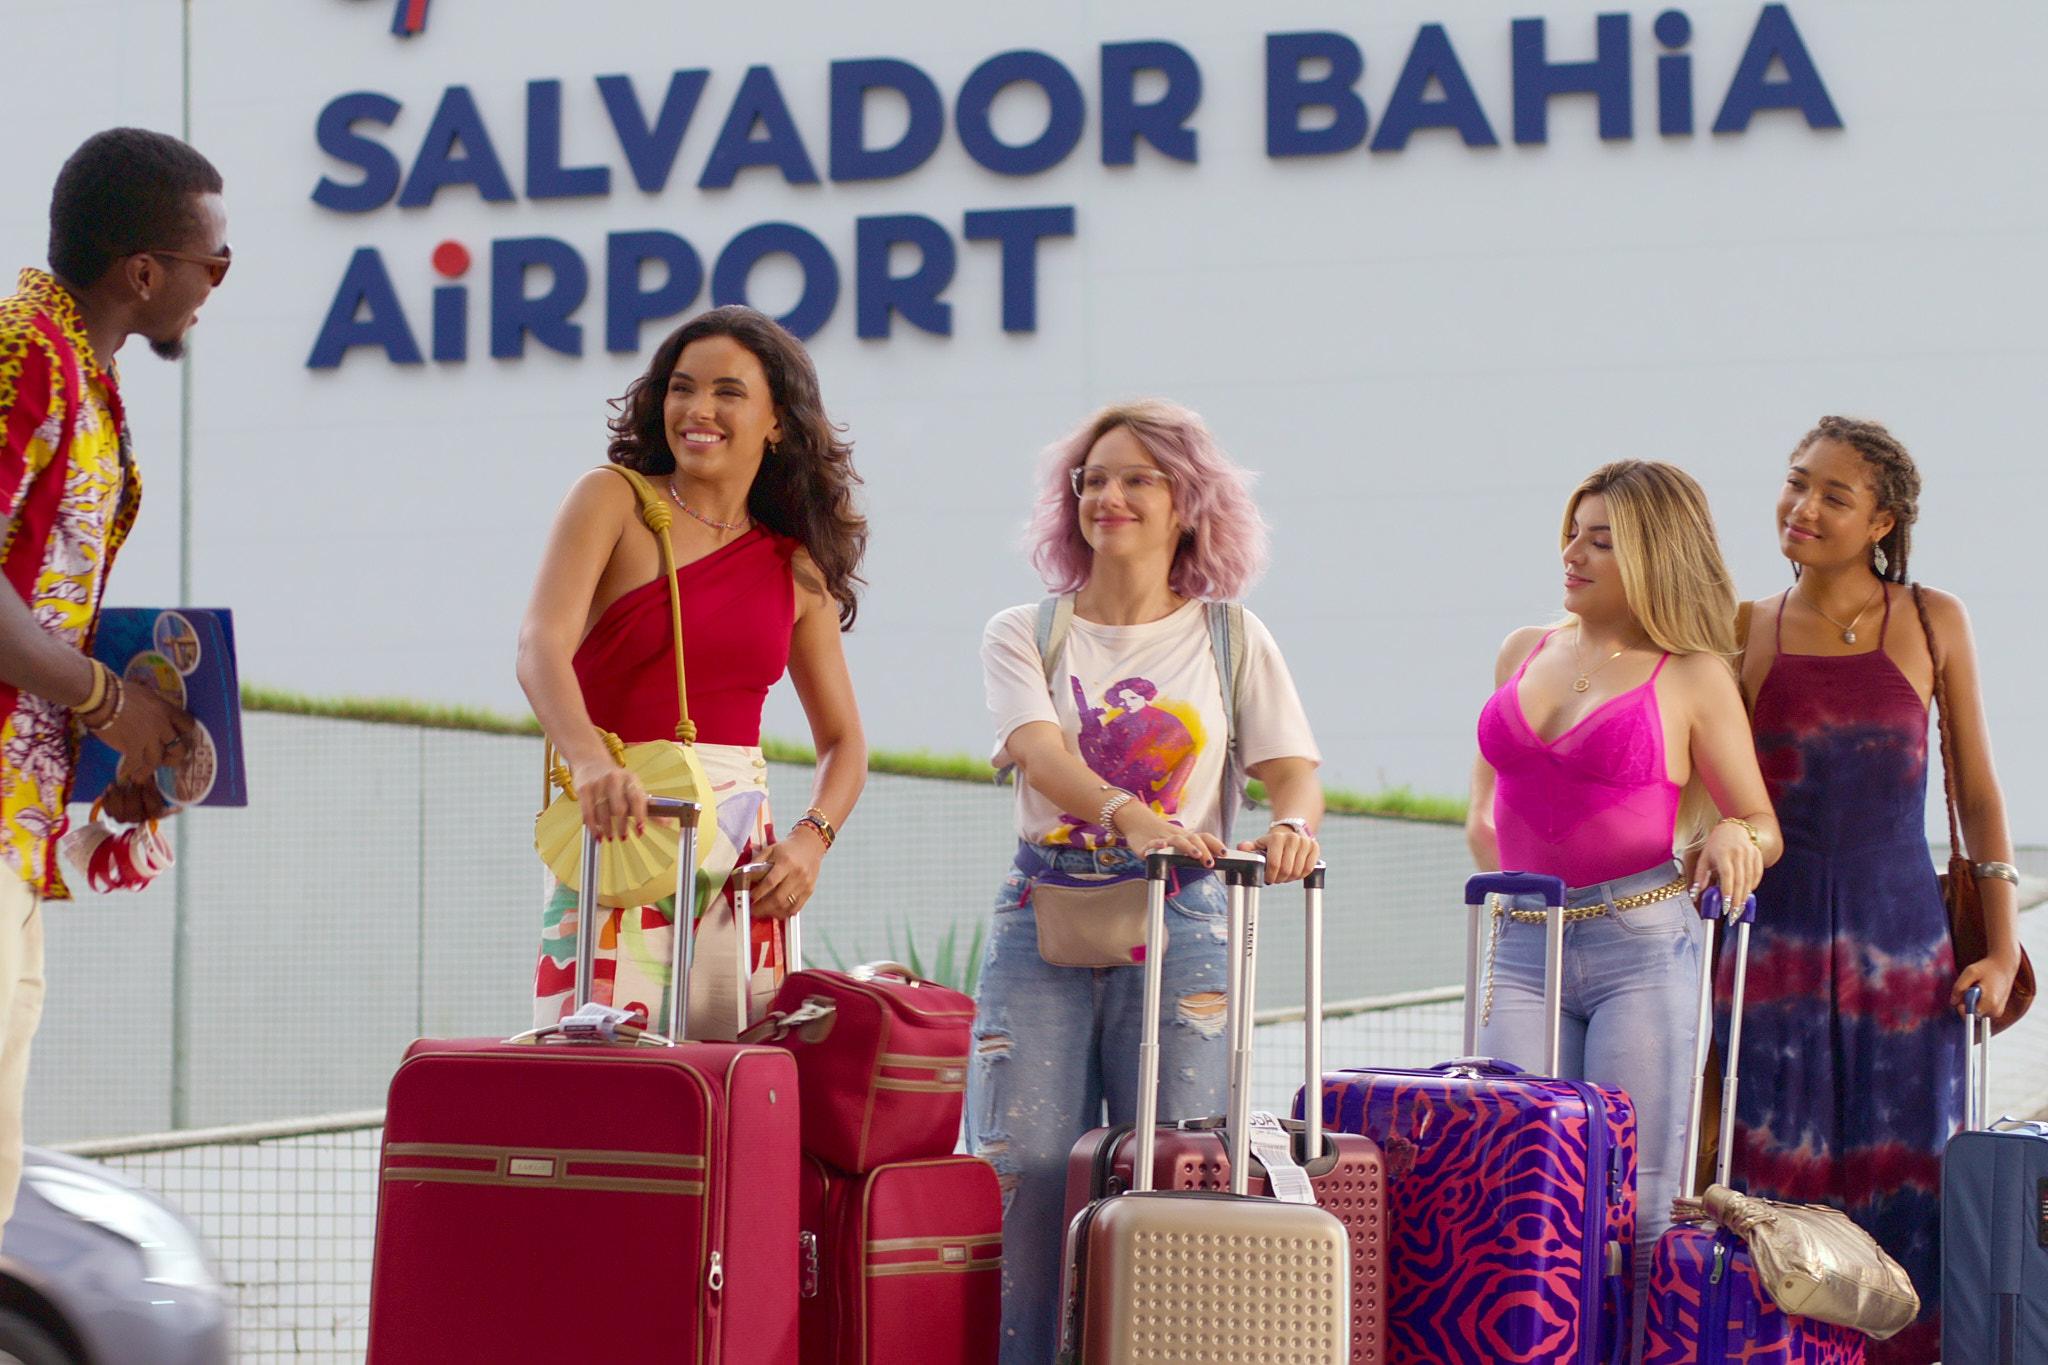 Imagem do filme Carnaval. Na imagem, ao fundo podemos ver o letreiro do aeroporto de Salvador com o escrito SALVADOR BAHIA AIRPORT. Da direita para a esquerda, temos uma mulher negra, de cabelos com tranças, usando um vestido vinho e azul, segurando uma bolsa marrom no ombro, e uma mala de viagem azul. A seu lado, uma mulher branca, de cabelos loiros, usa uma blusa de alça rosa, com um calça jeans, segurando uma mala de viagem azul e rosa nas mãos, com uma igual à sua frente. Depois, uma mulher branca, de cabelos rosas, usa uma blusa estampada branca, com calças jeans, está com uma mochila e uma pochete em seu corpo e segura com as mãos malas douradas e rose. A última, uma mulher negra, de cabelos pretos, usa uma blusa de uma manga vermelha e uma saia estampada bege, segurando uma bolsa amarela e malas vermelhas. No canto esquerdo, ainda podemos ver um homem negro, usando um acamisa amarela e vermelha estampada e segunda uma pasta azul.